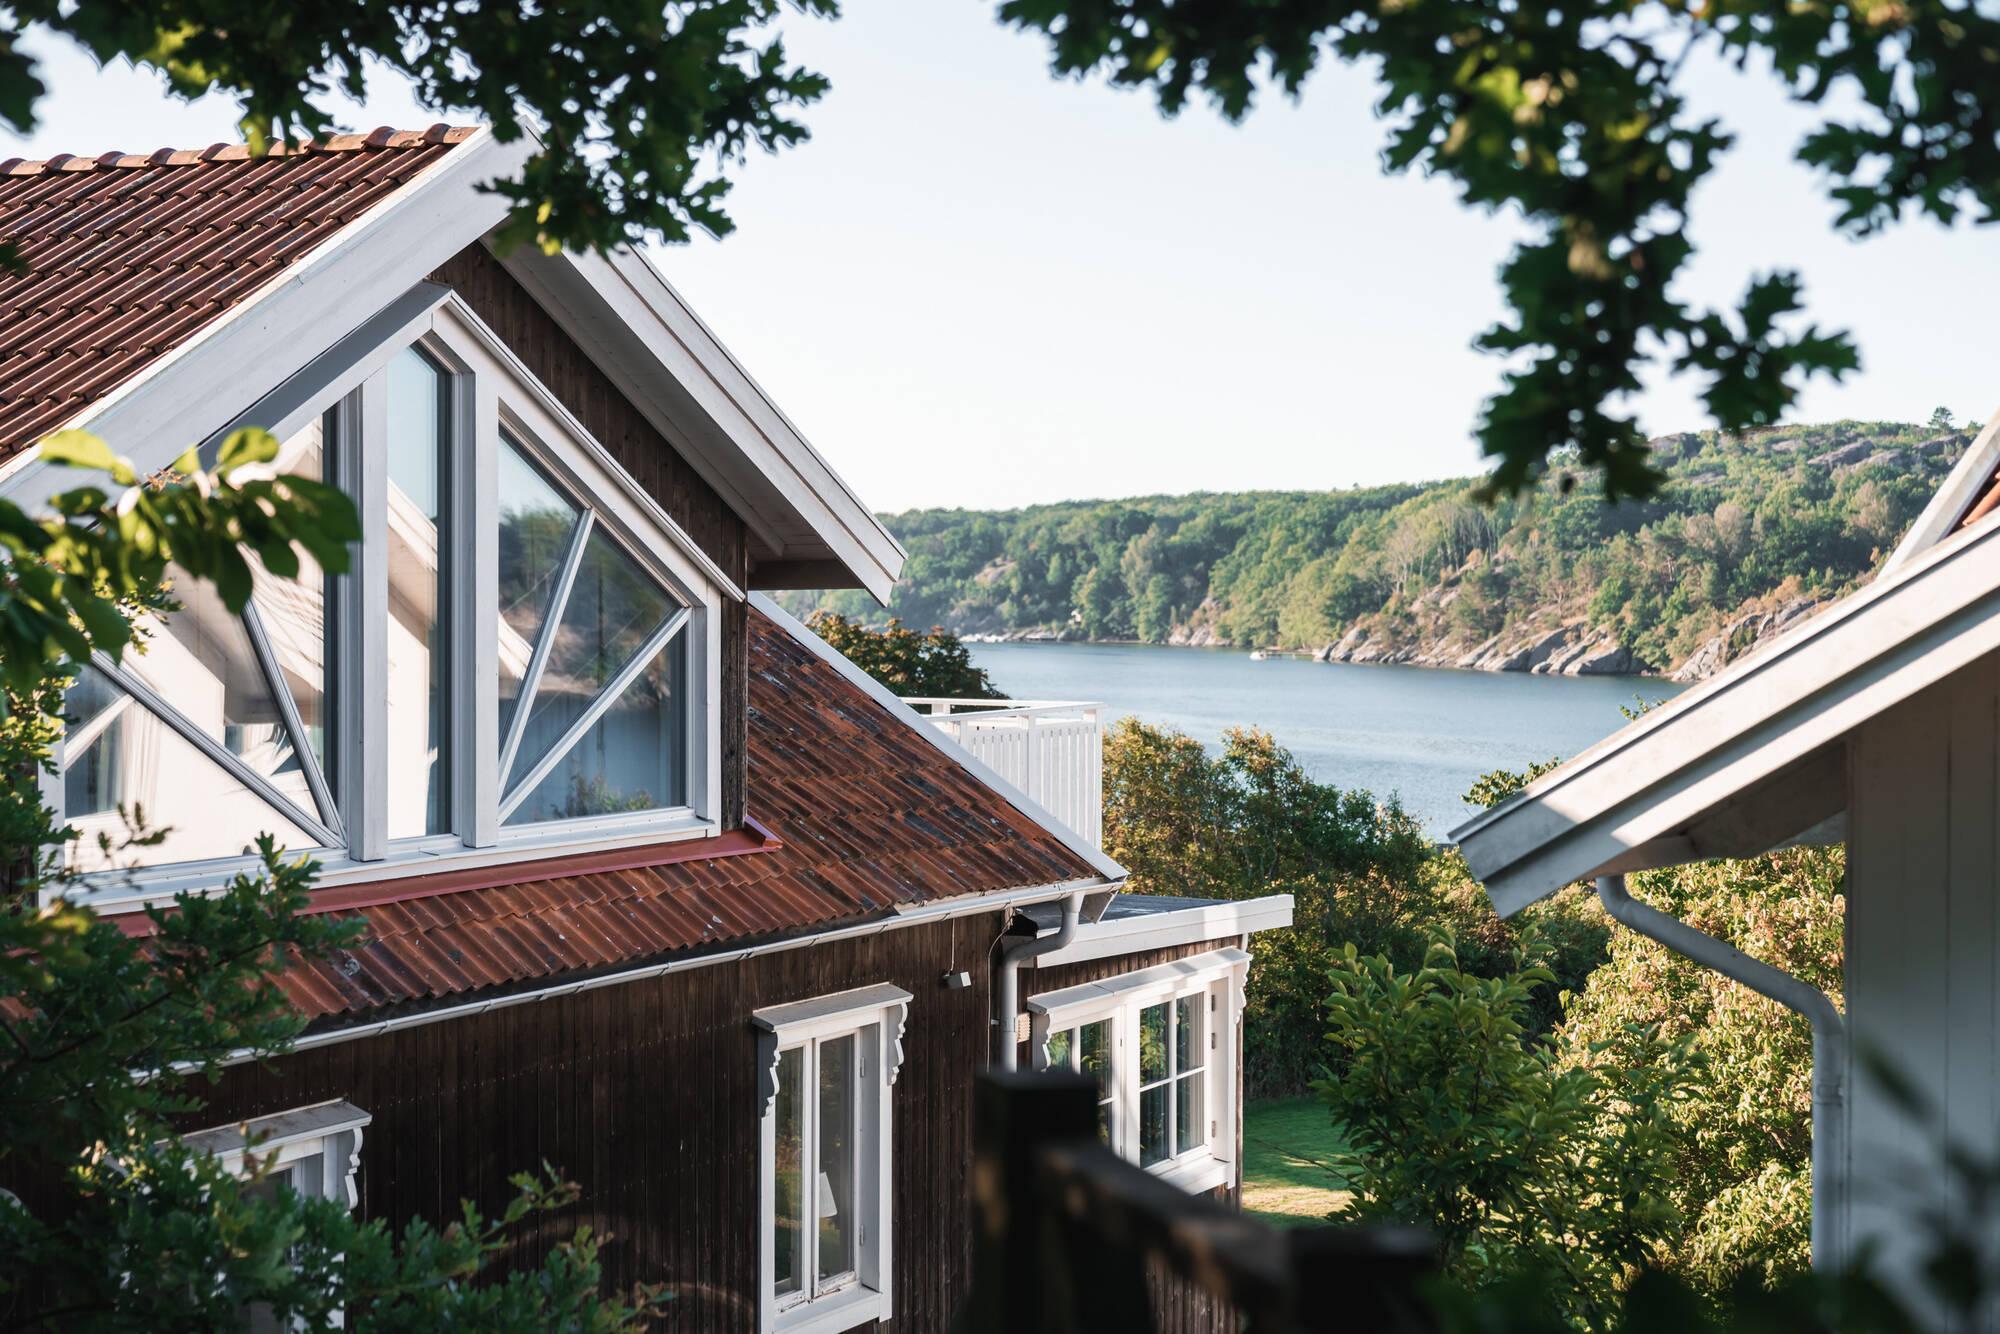 Två fantastiska fastigheter på Havsudden i Nösund, Orust. Exklusiva hem på västkusten.